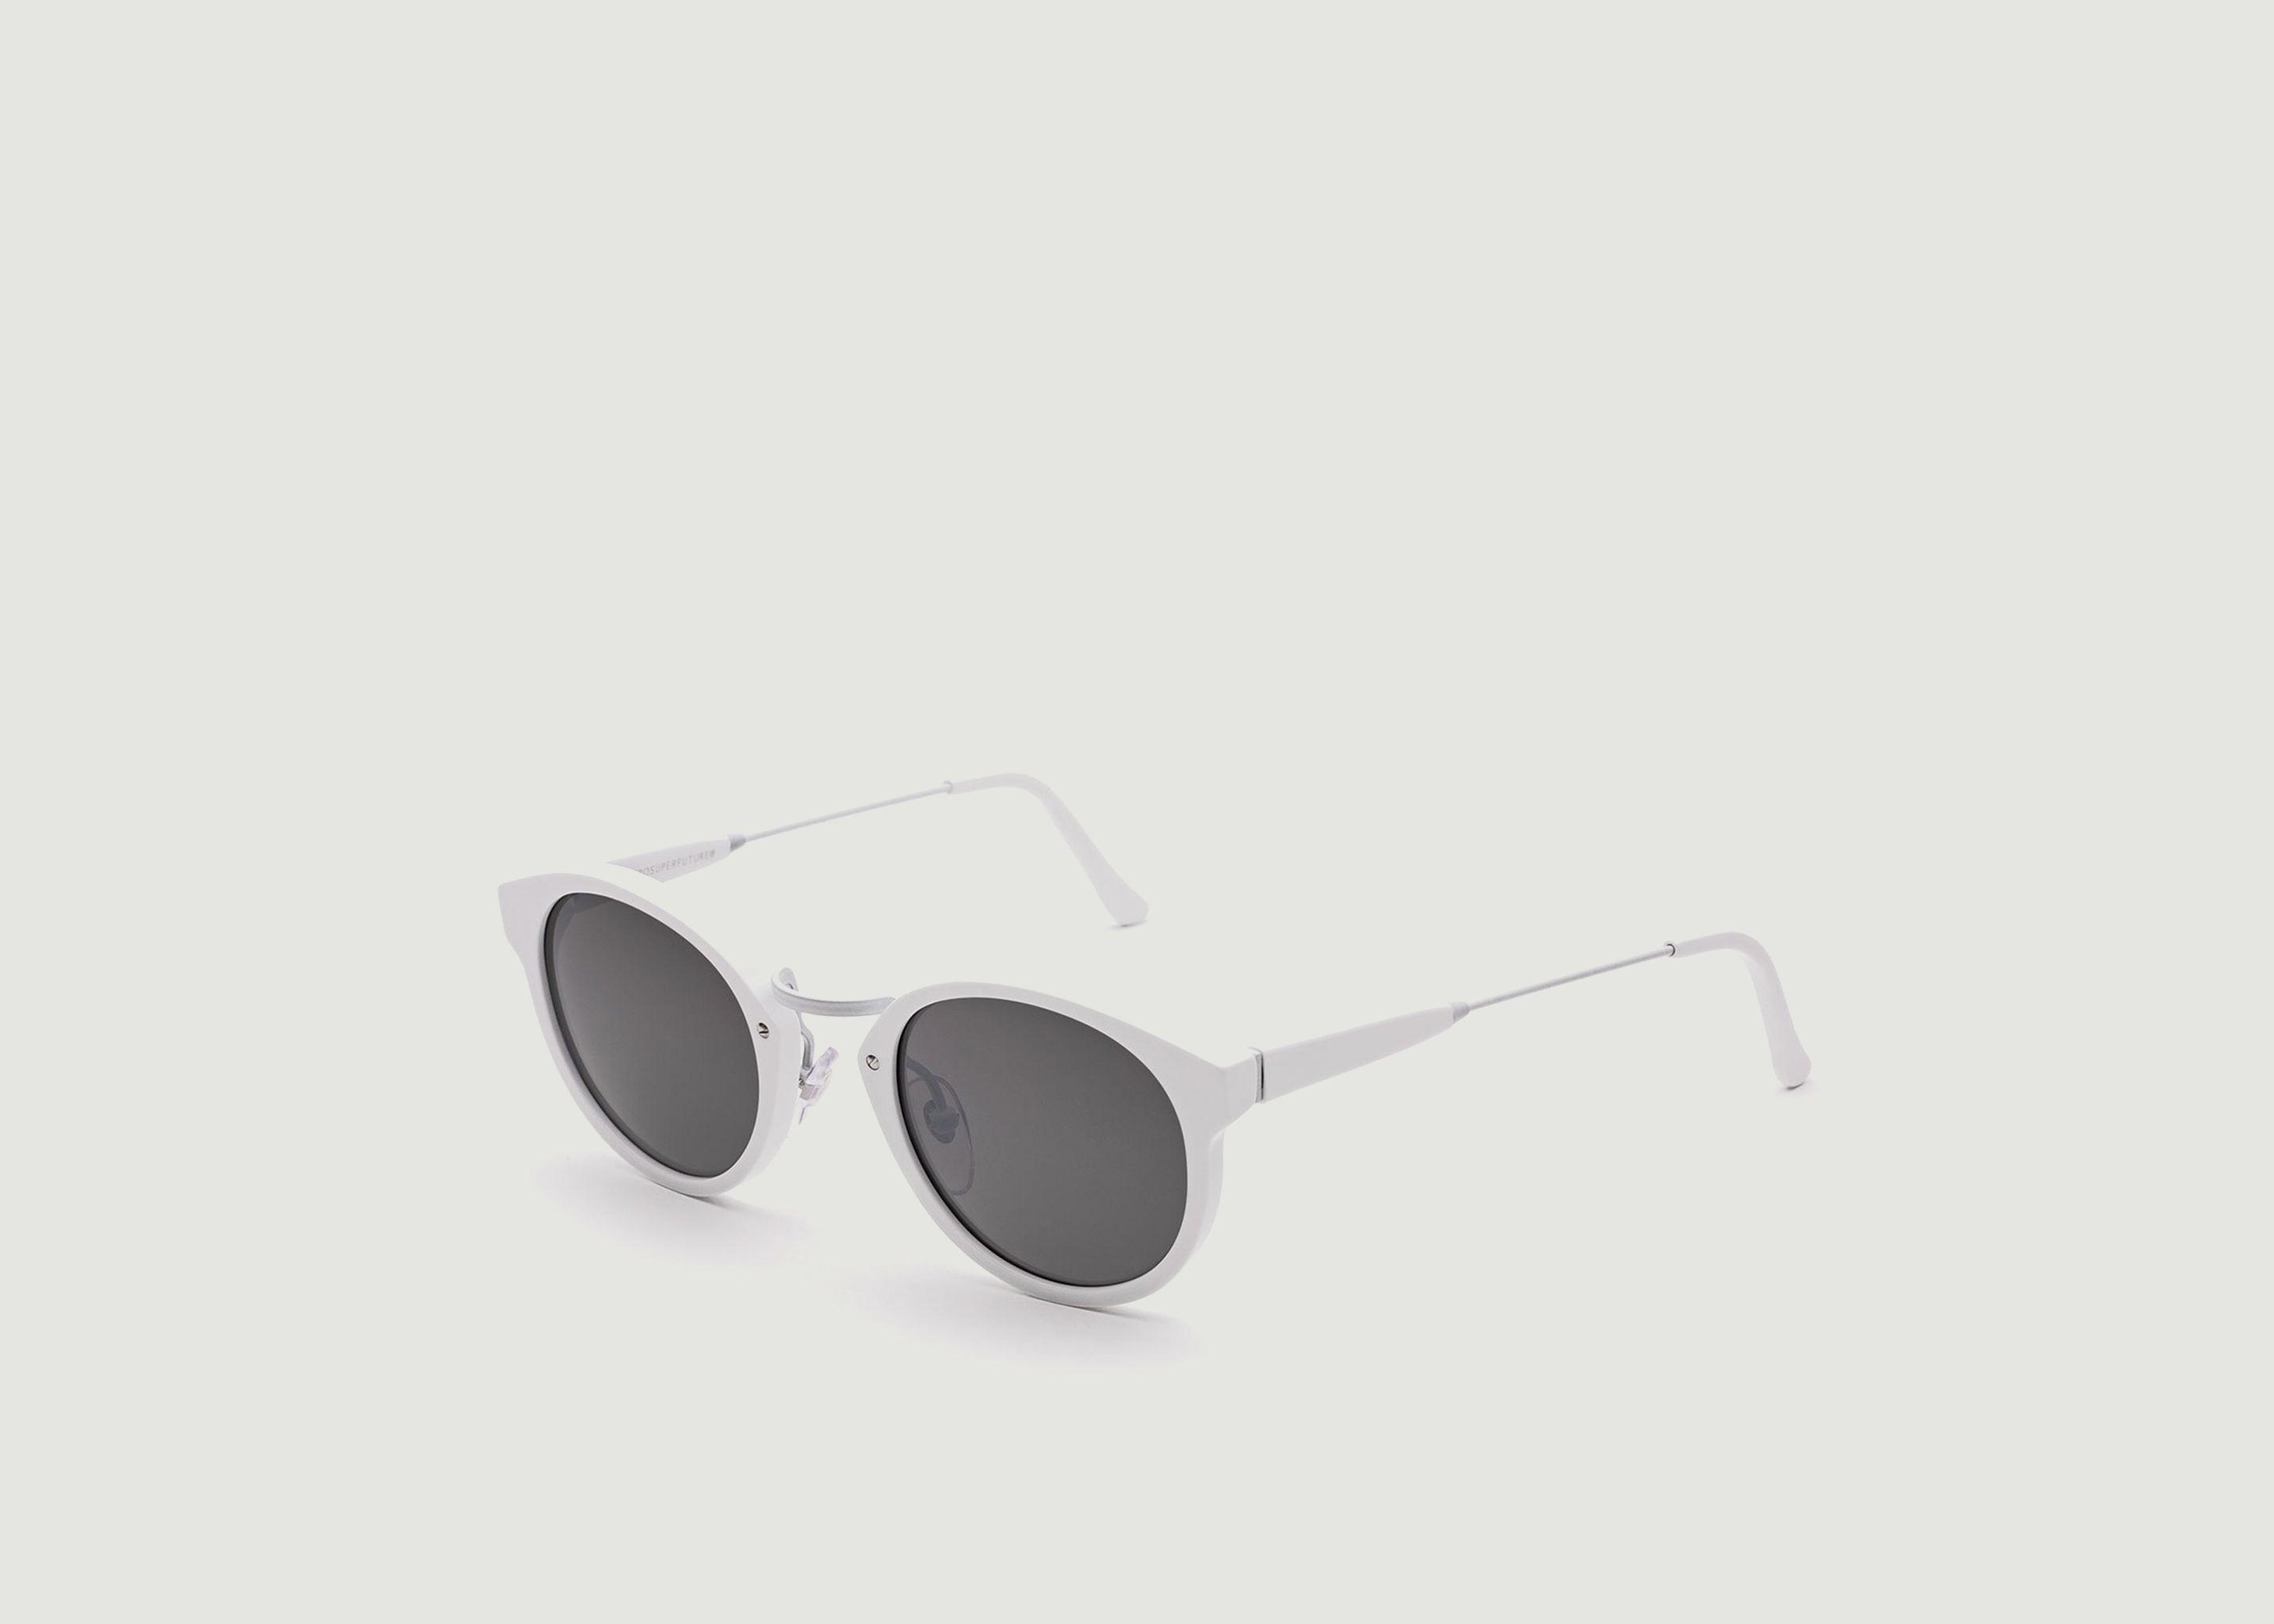 c3f239e2ec2bcd Panama Sunglasses RETROSUPERFUTURE Light Grey L Exception